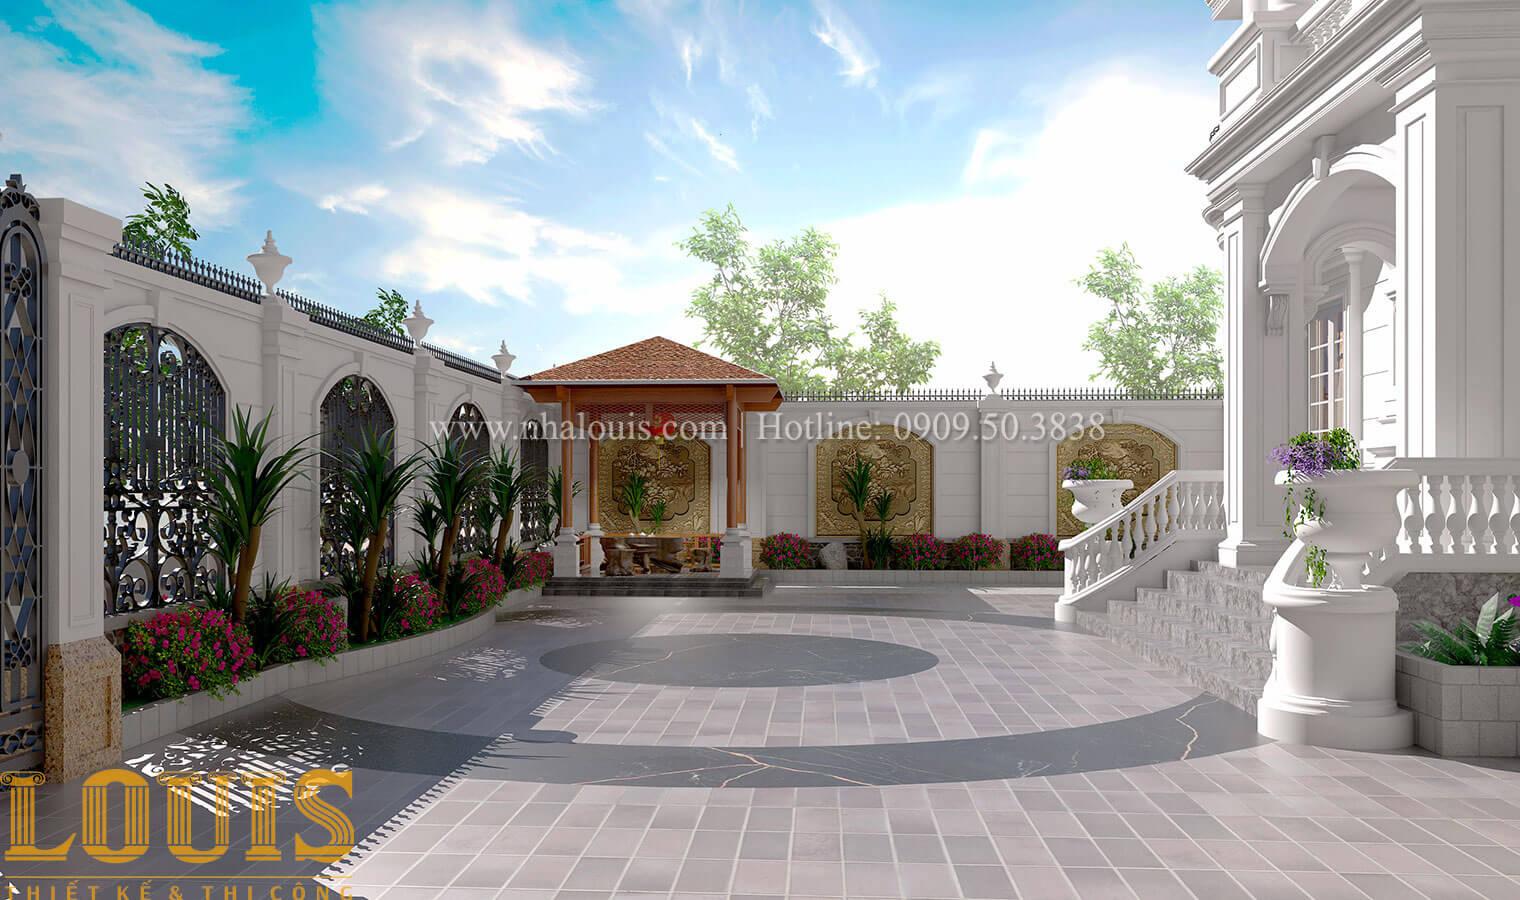 Sân vườn Mẫu nhà biệt thự 3 tầng đẹp thuần khiết tại Bình Dương - 35